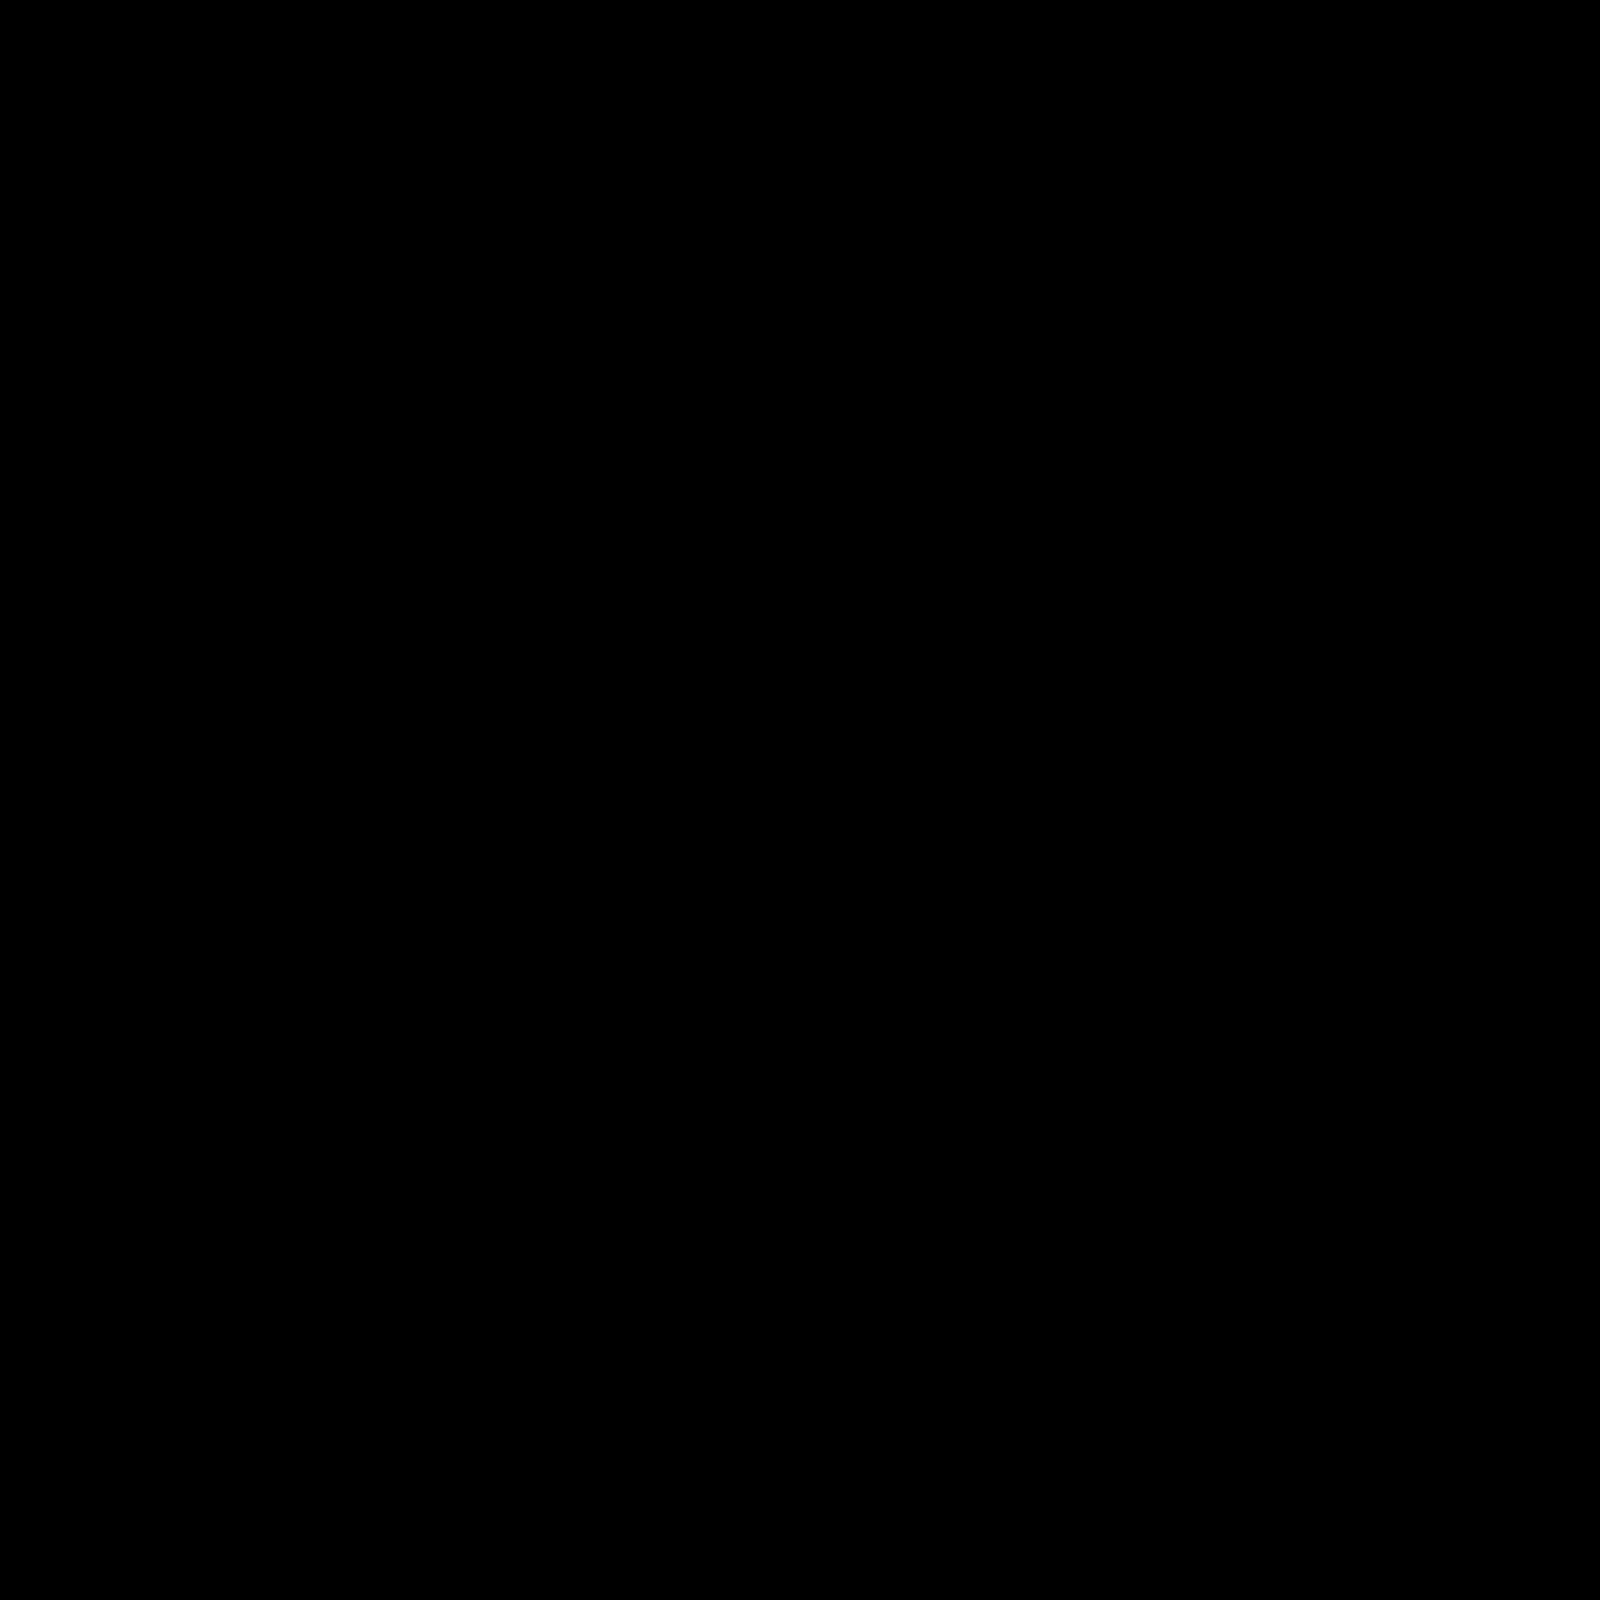 Circled C icon